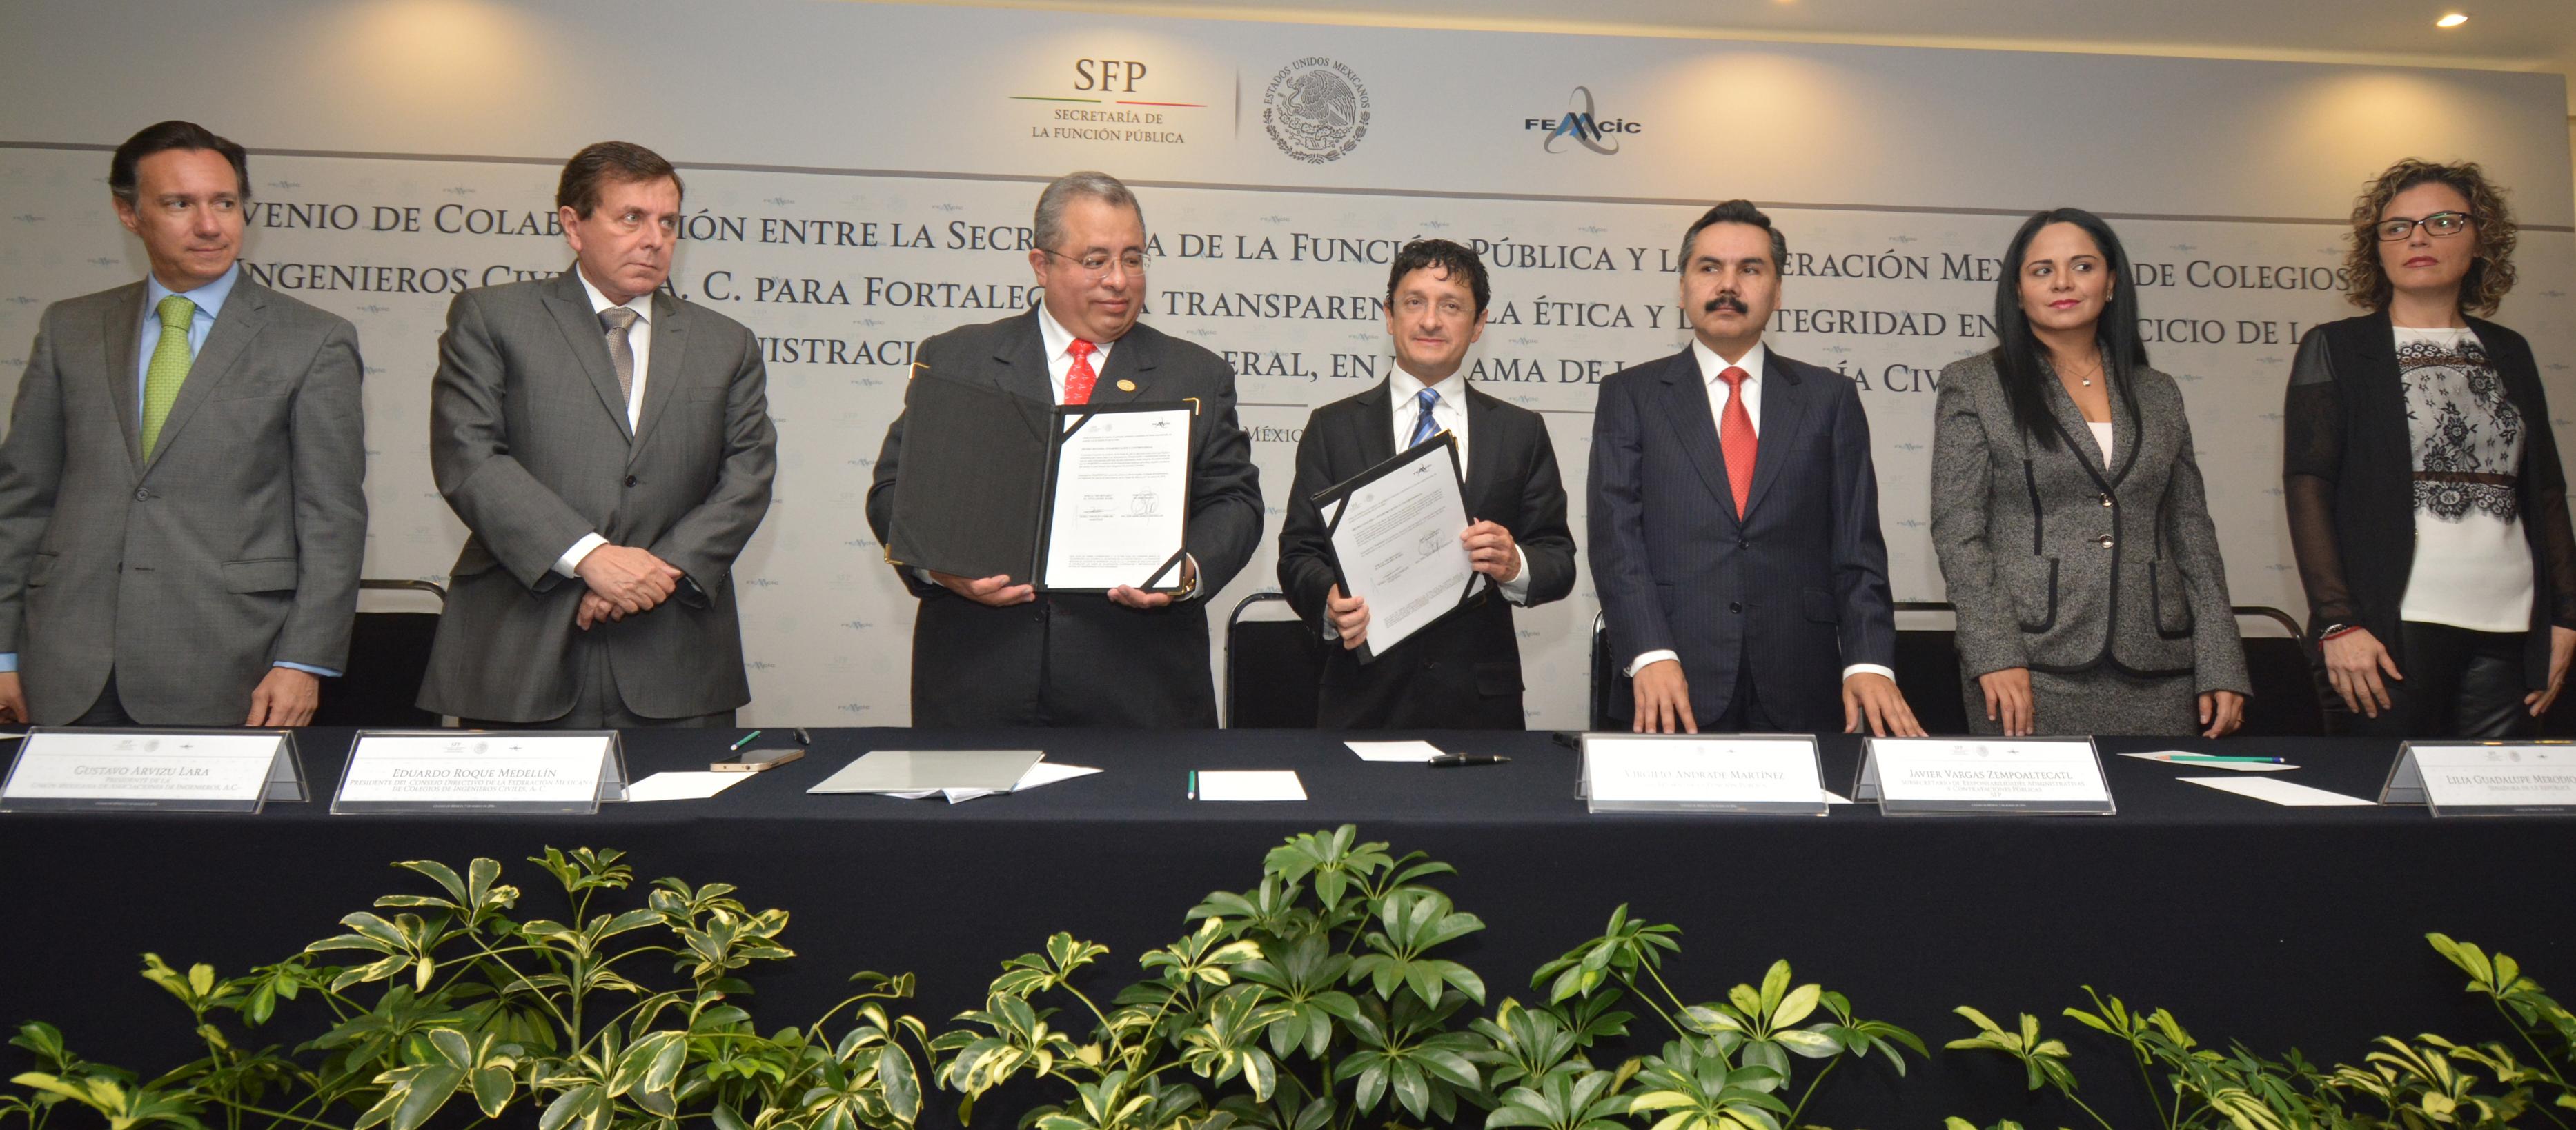 SFP continúa impulsando la Reforma al Régimen de Contrataciones Abiertas